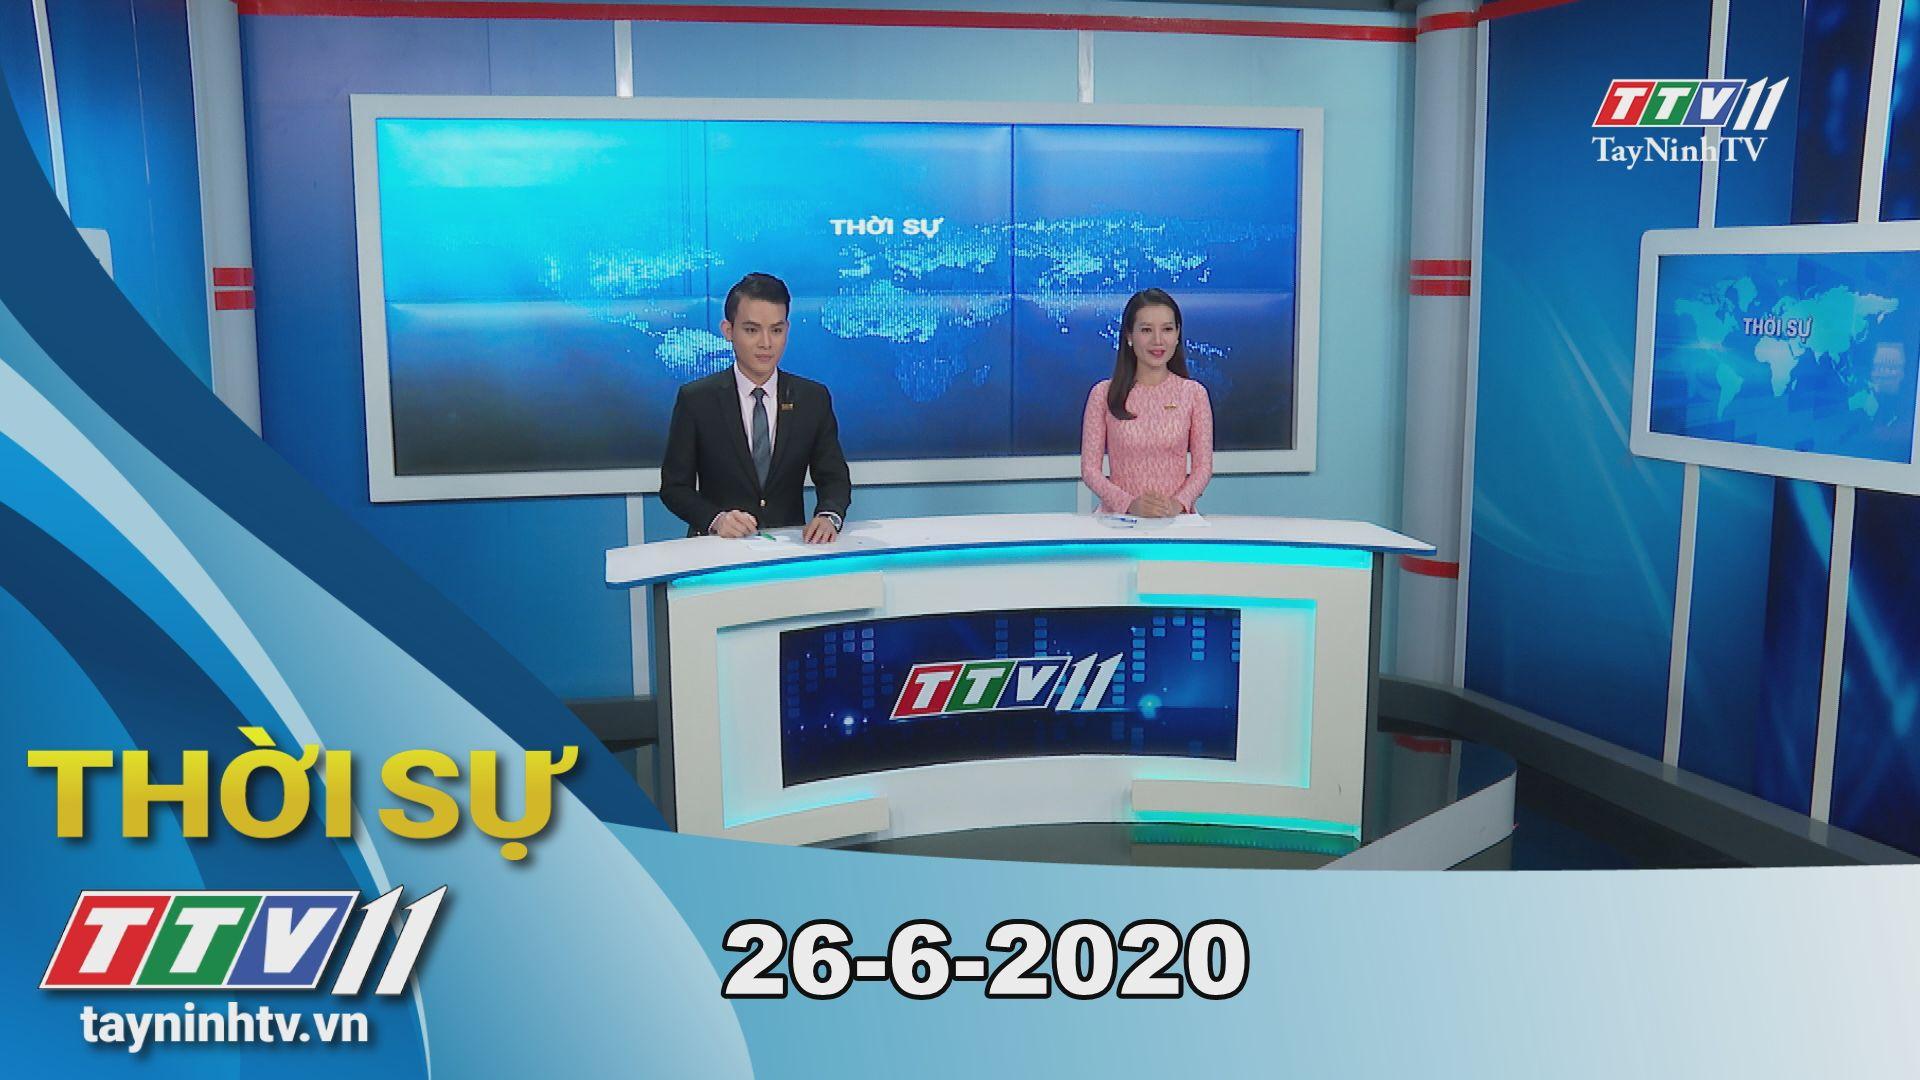 Thời sự Tây Ninh 26-6-2020 | Tin tức hôm nay | TayNinhTV